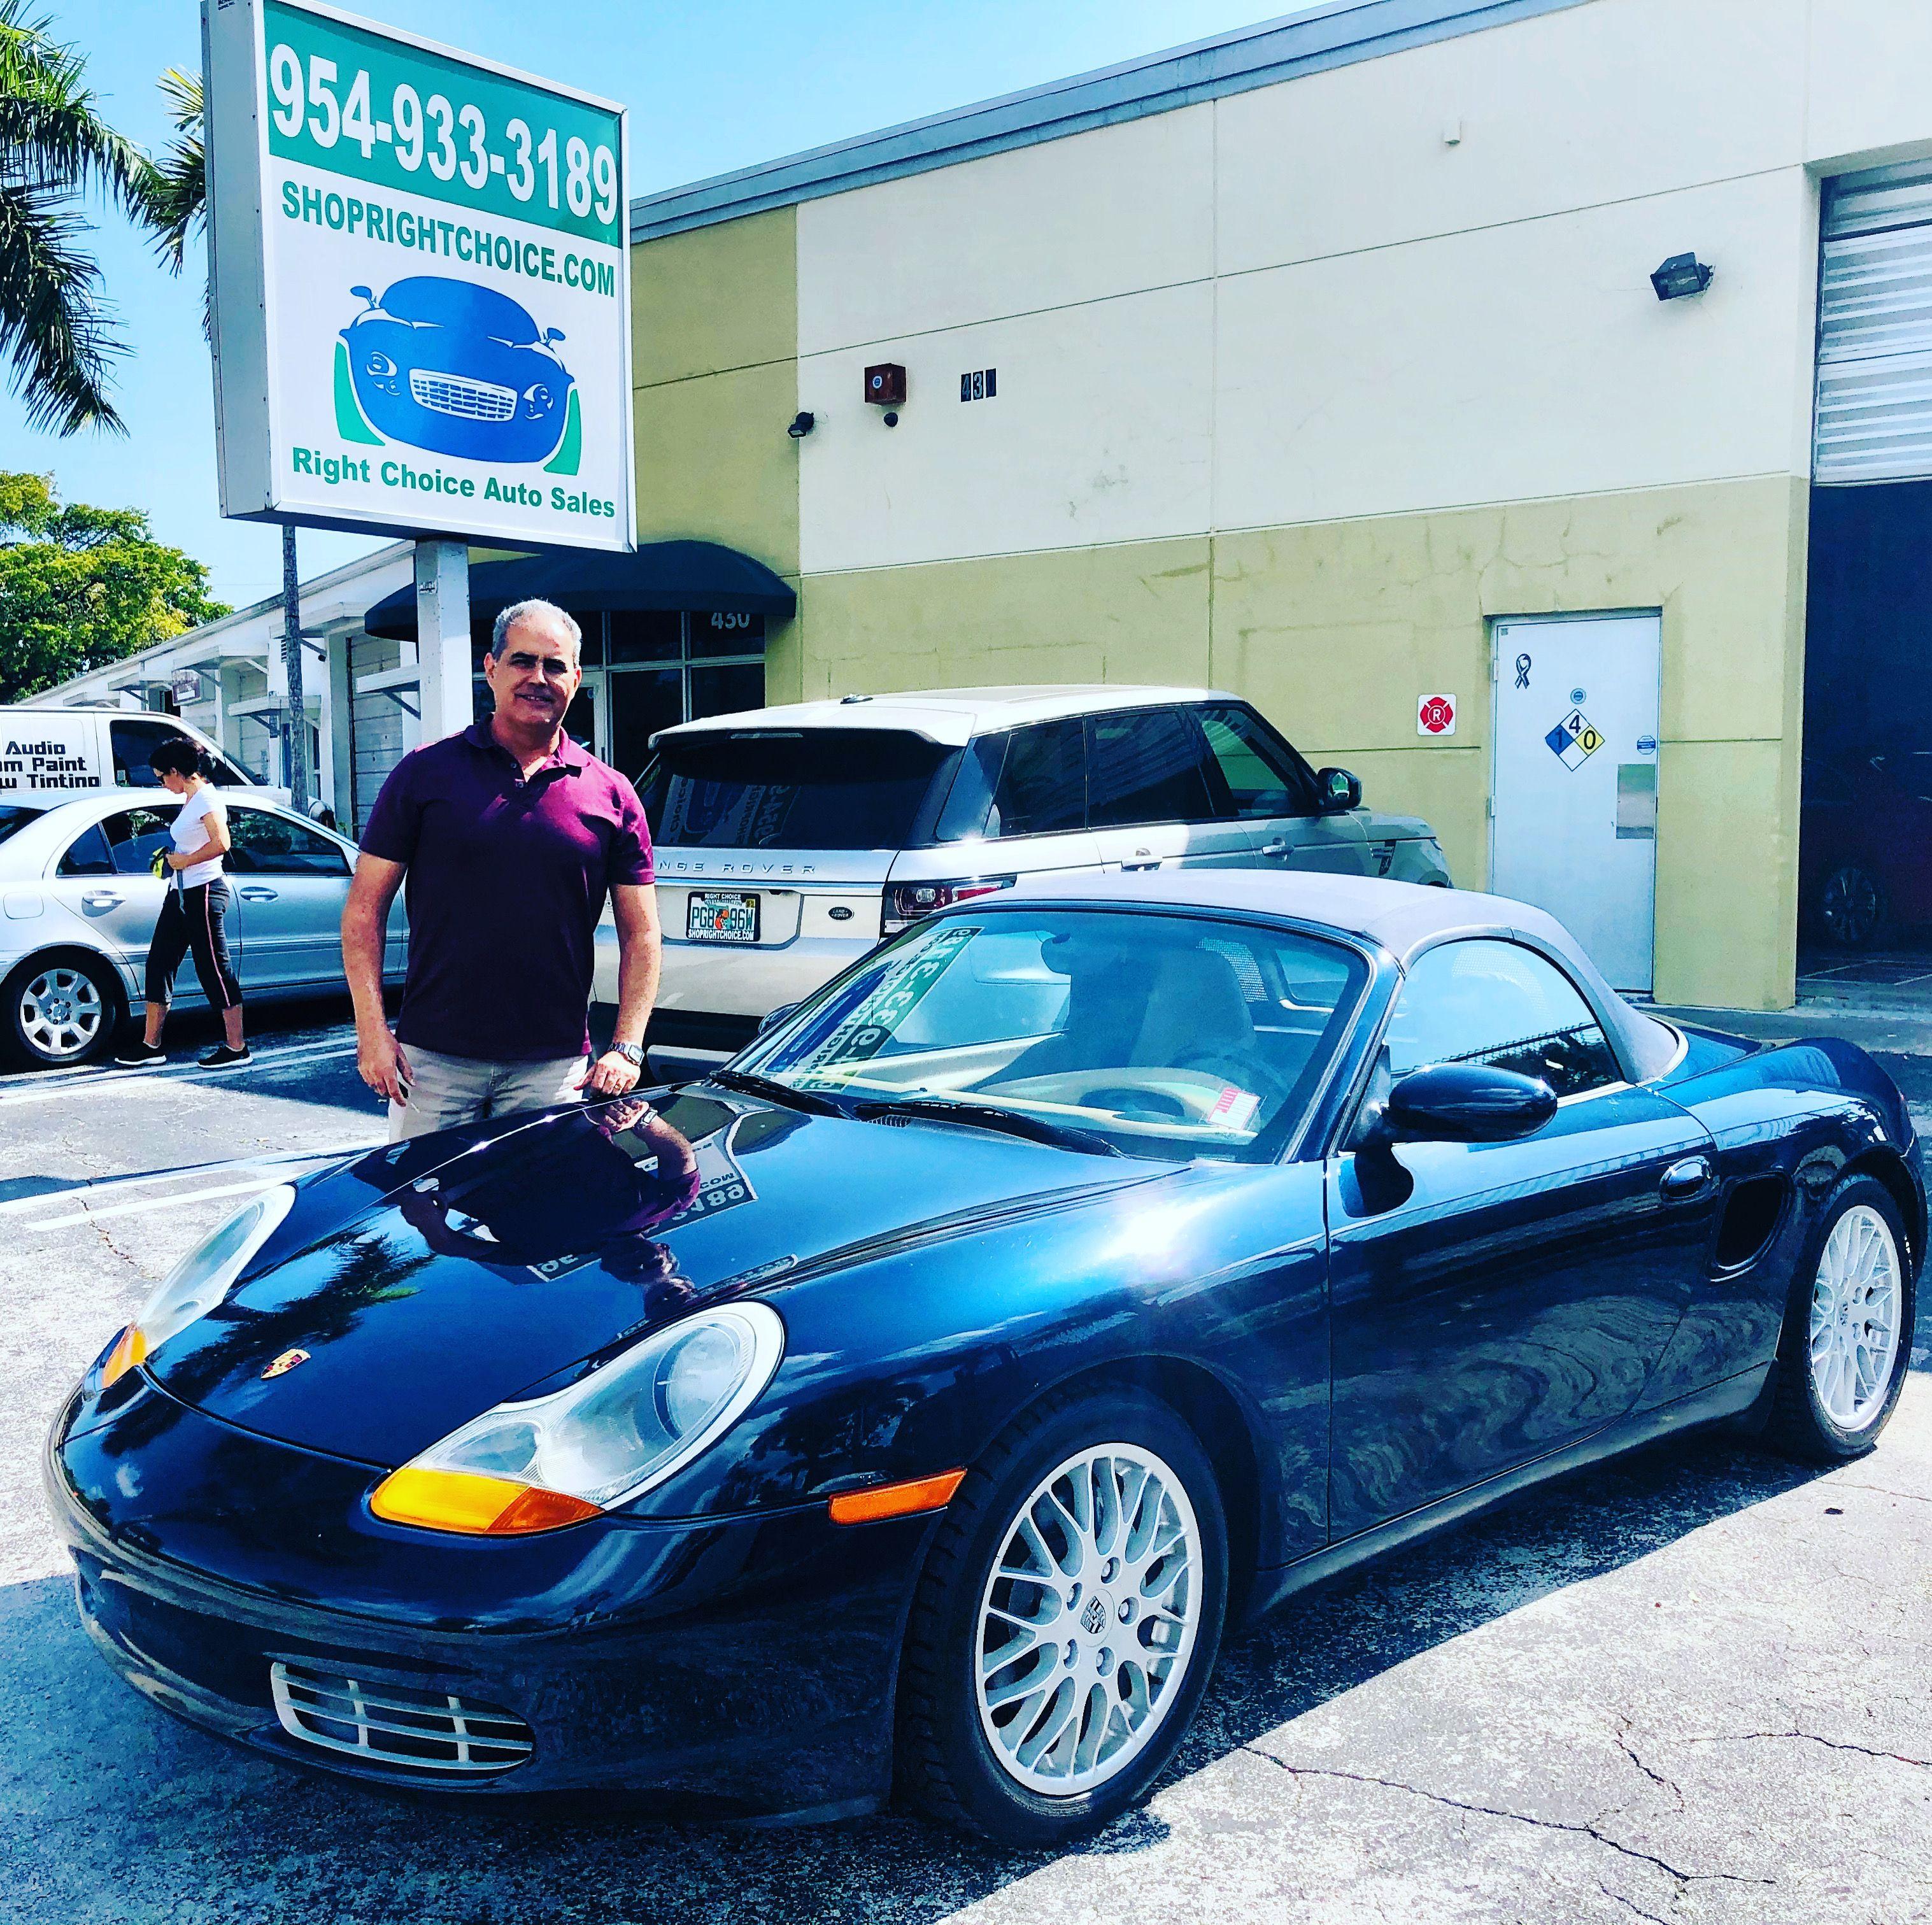 1999 Porsche Boxster Ocean Blue Metallic In 2020 Cars For Sale Pompano Beach Porsche Boxster